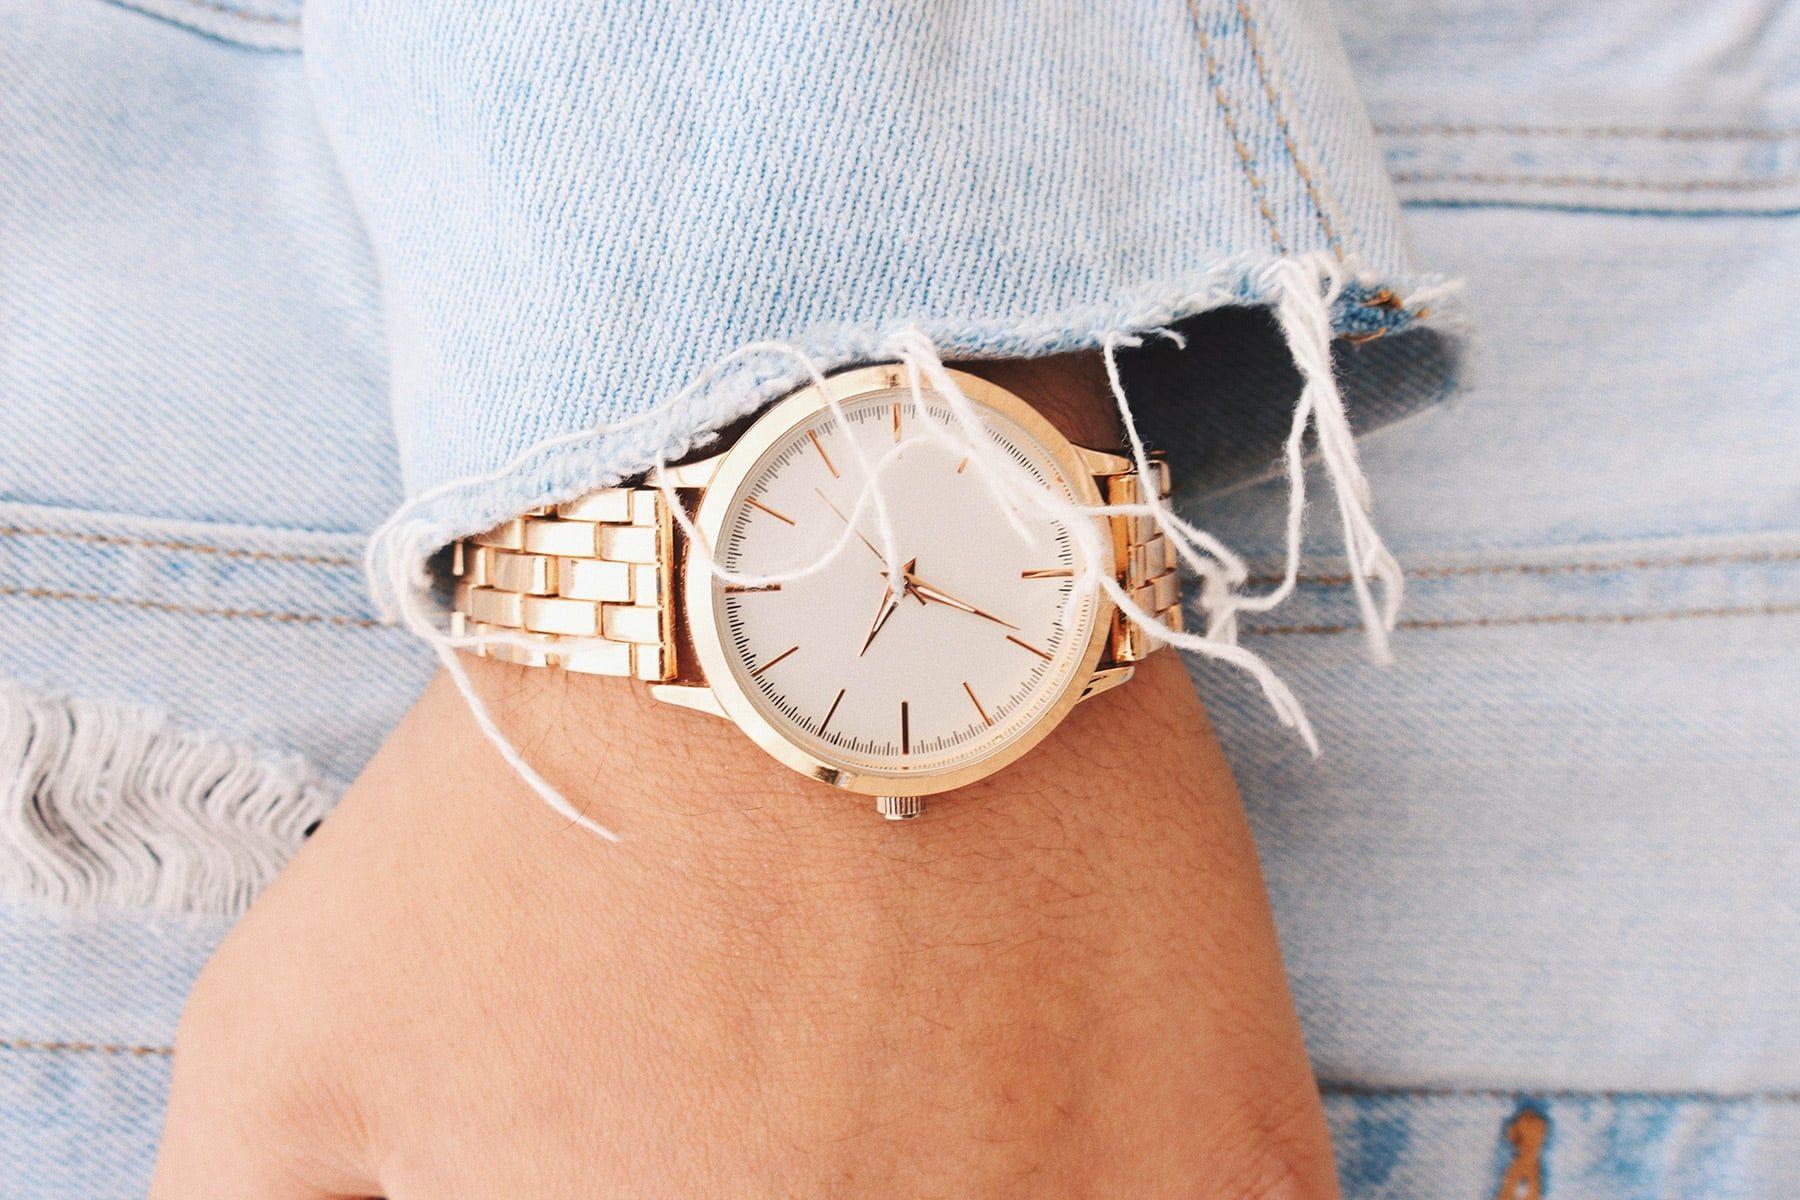 Tại sao đồng hồ của bạn lại bị xỉn màu?